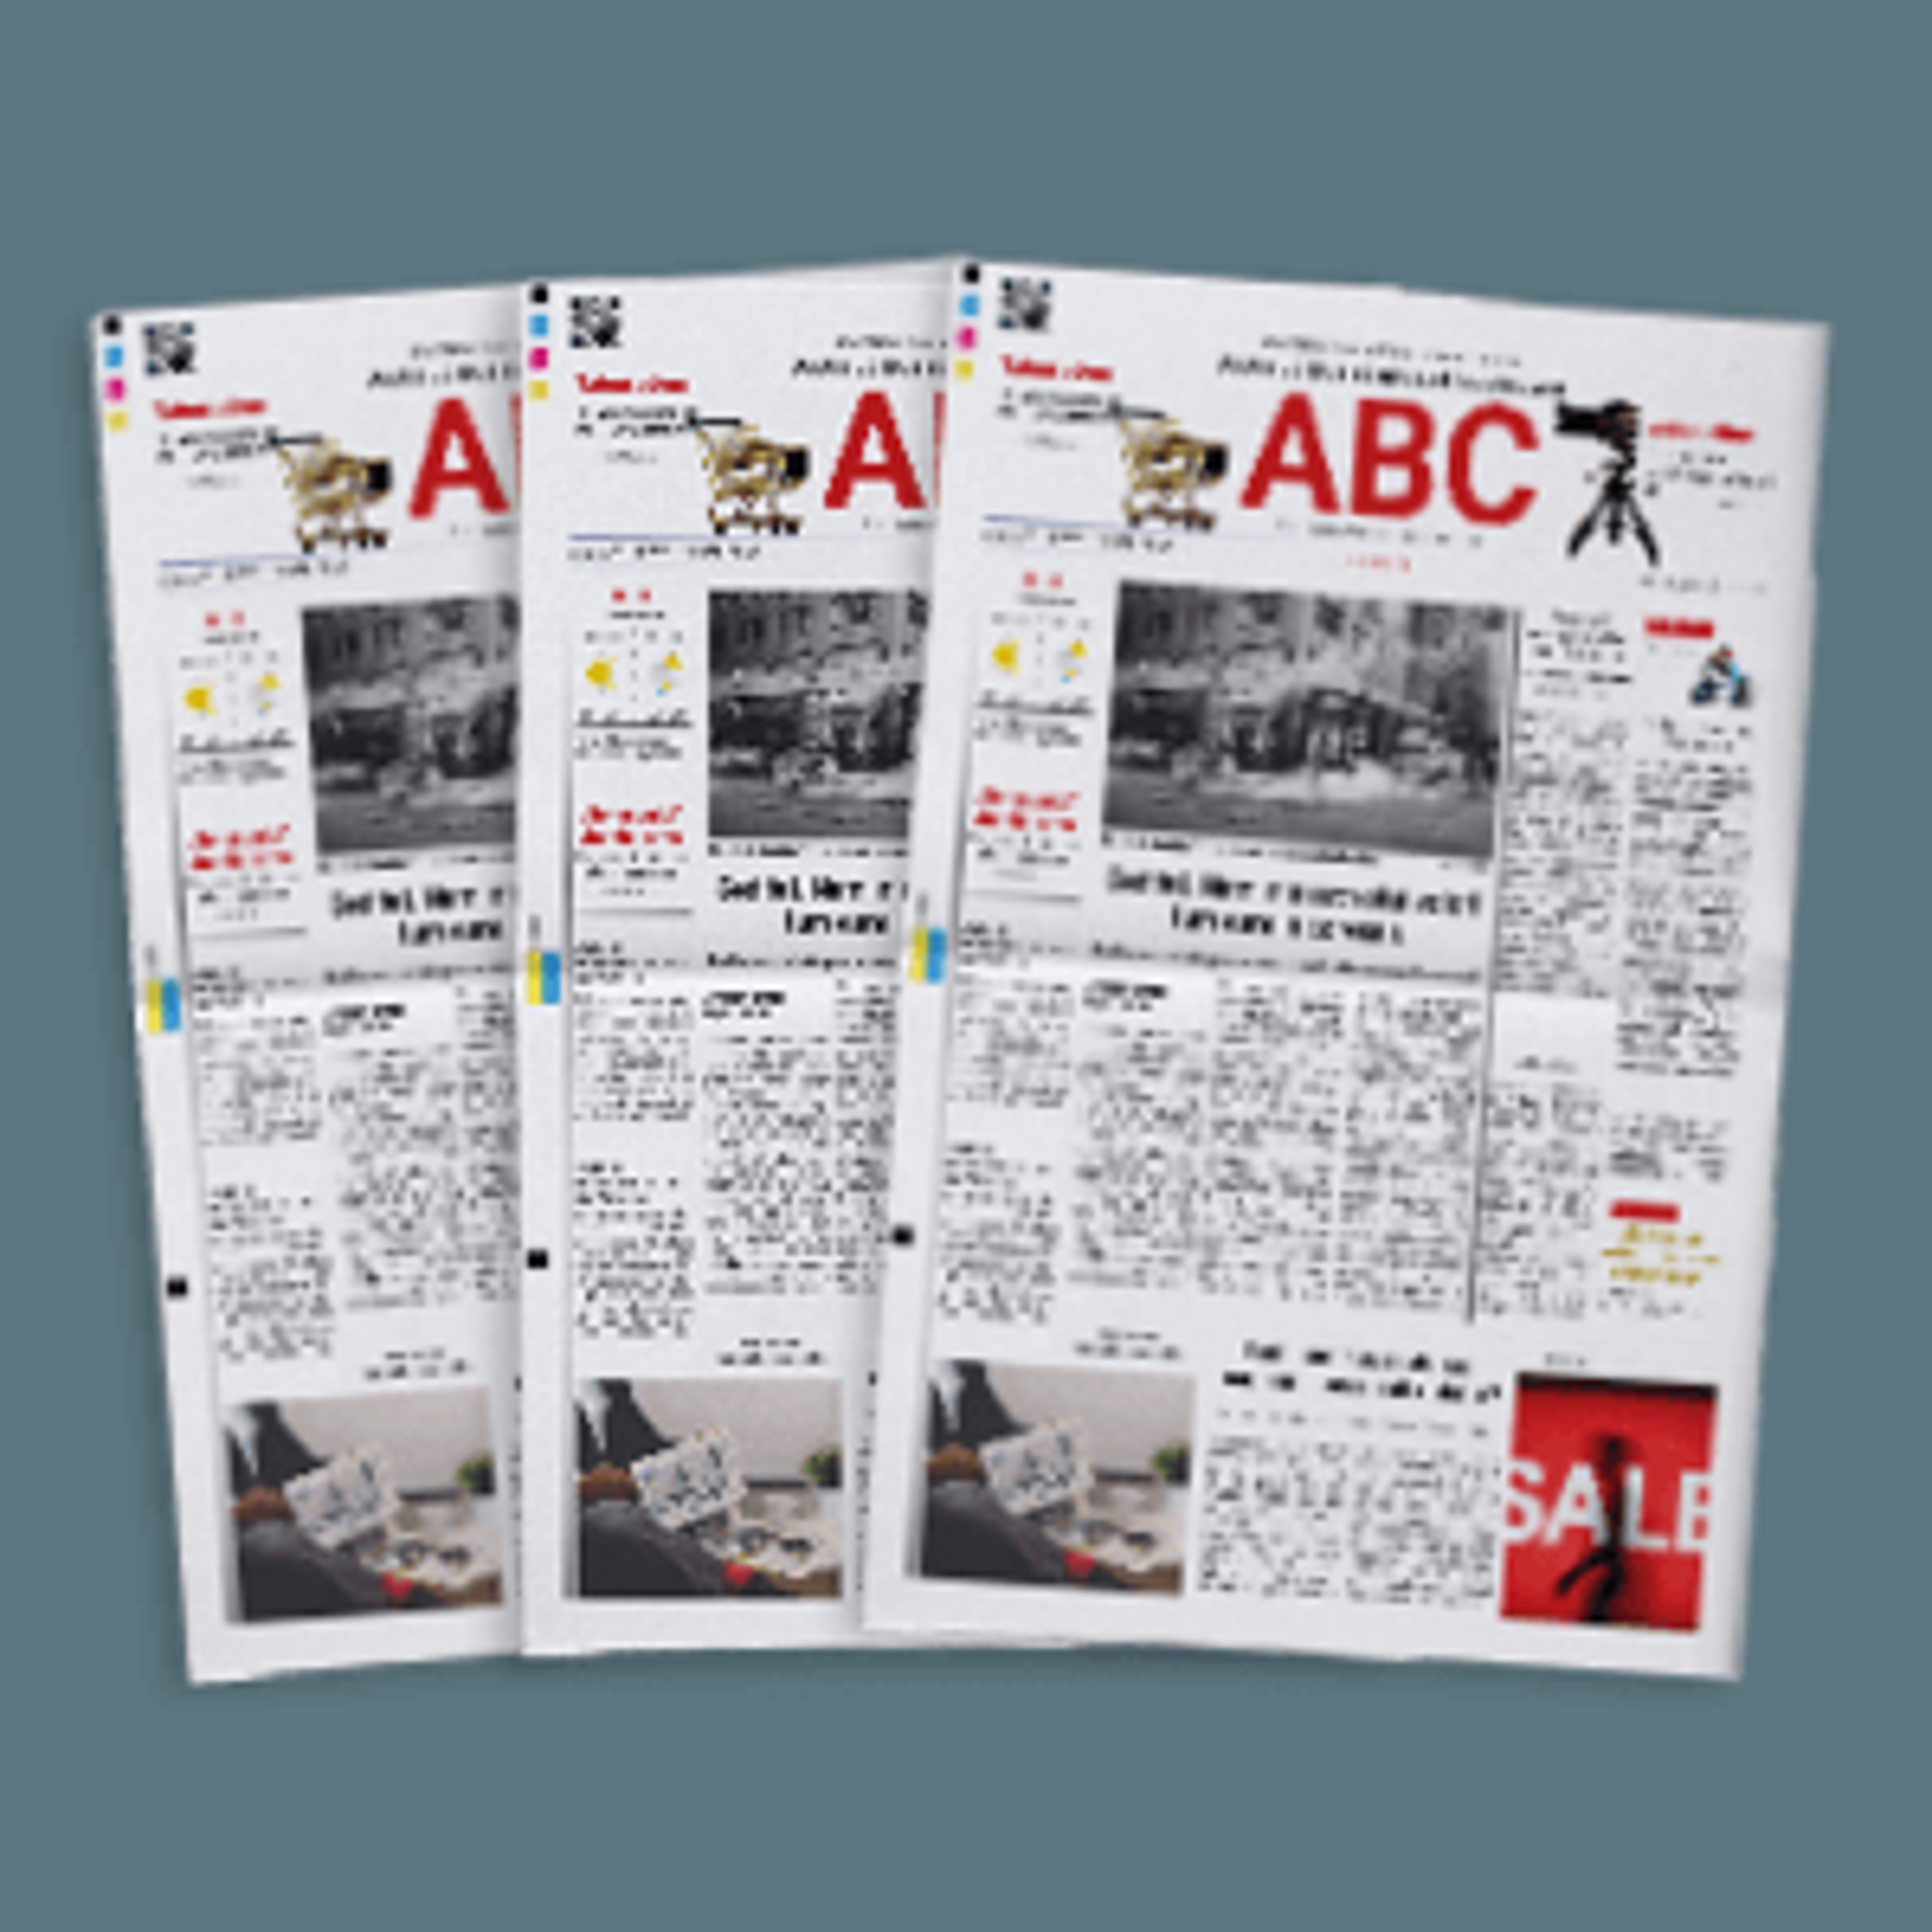 Zeitung in Großauflage drucken lassen